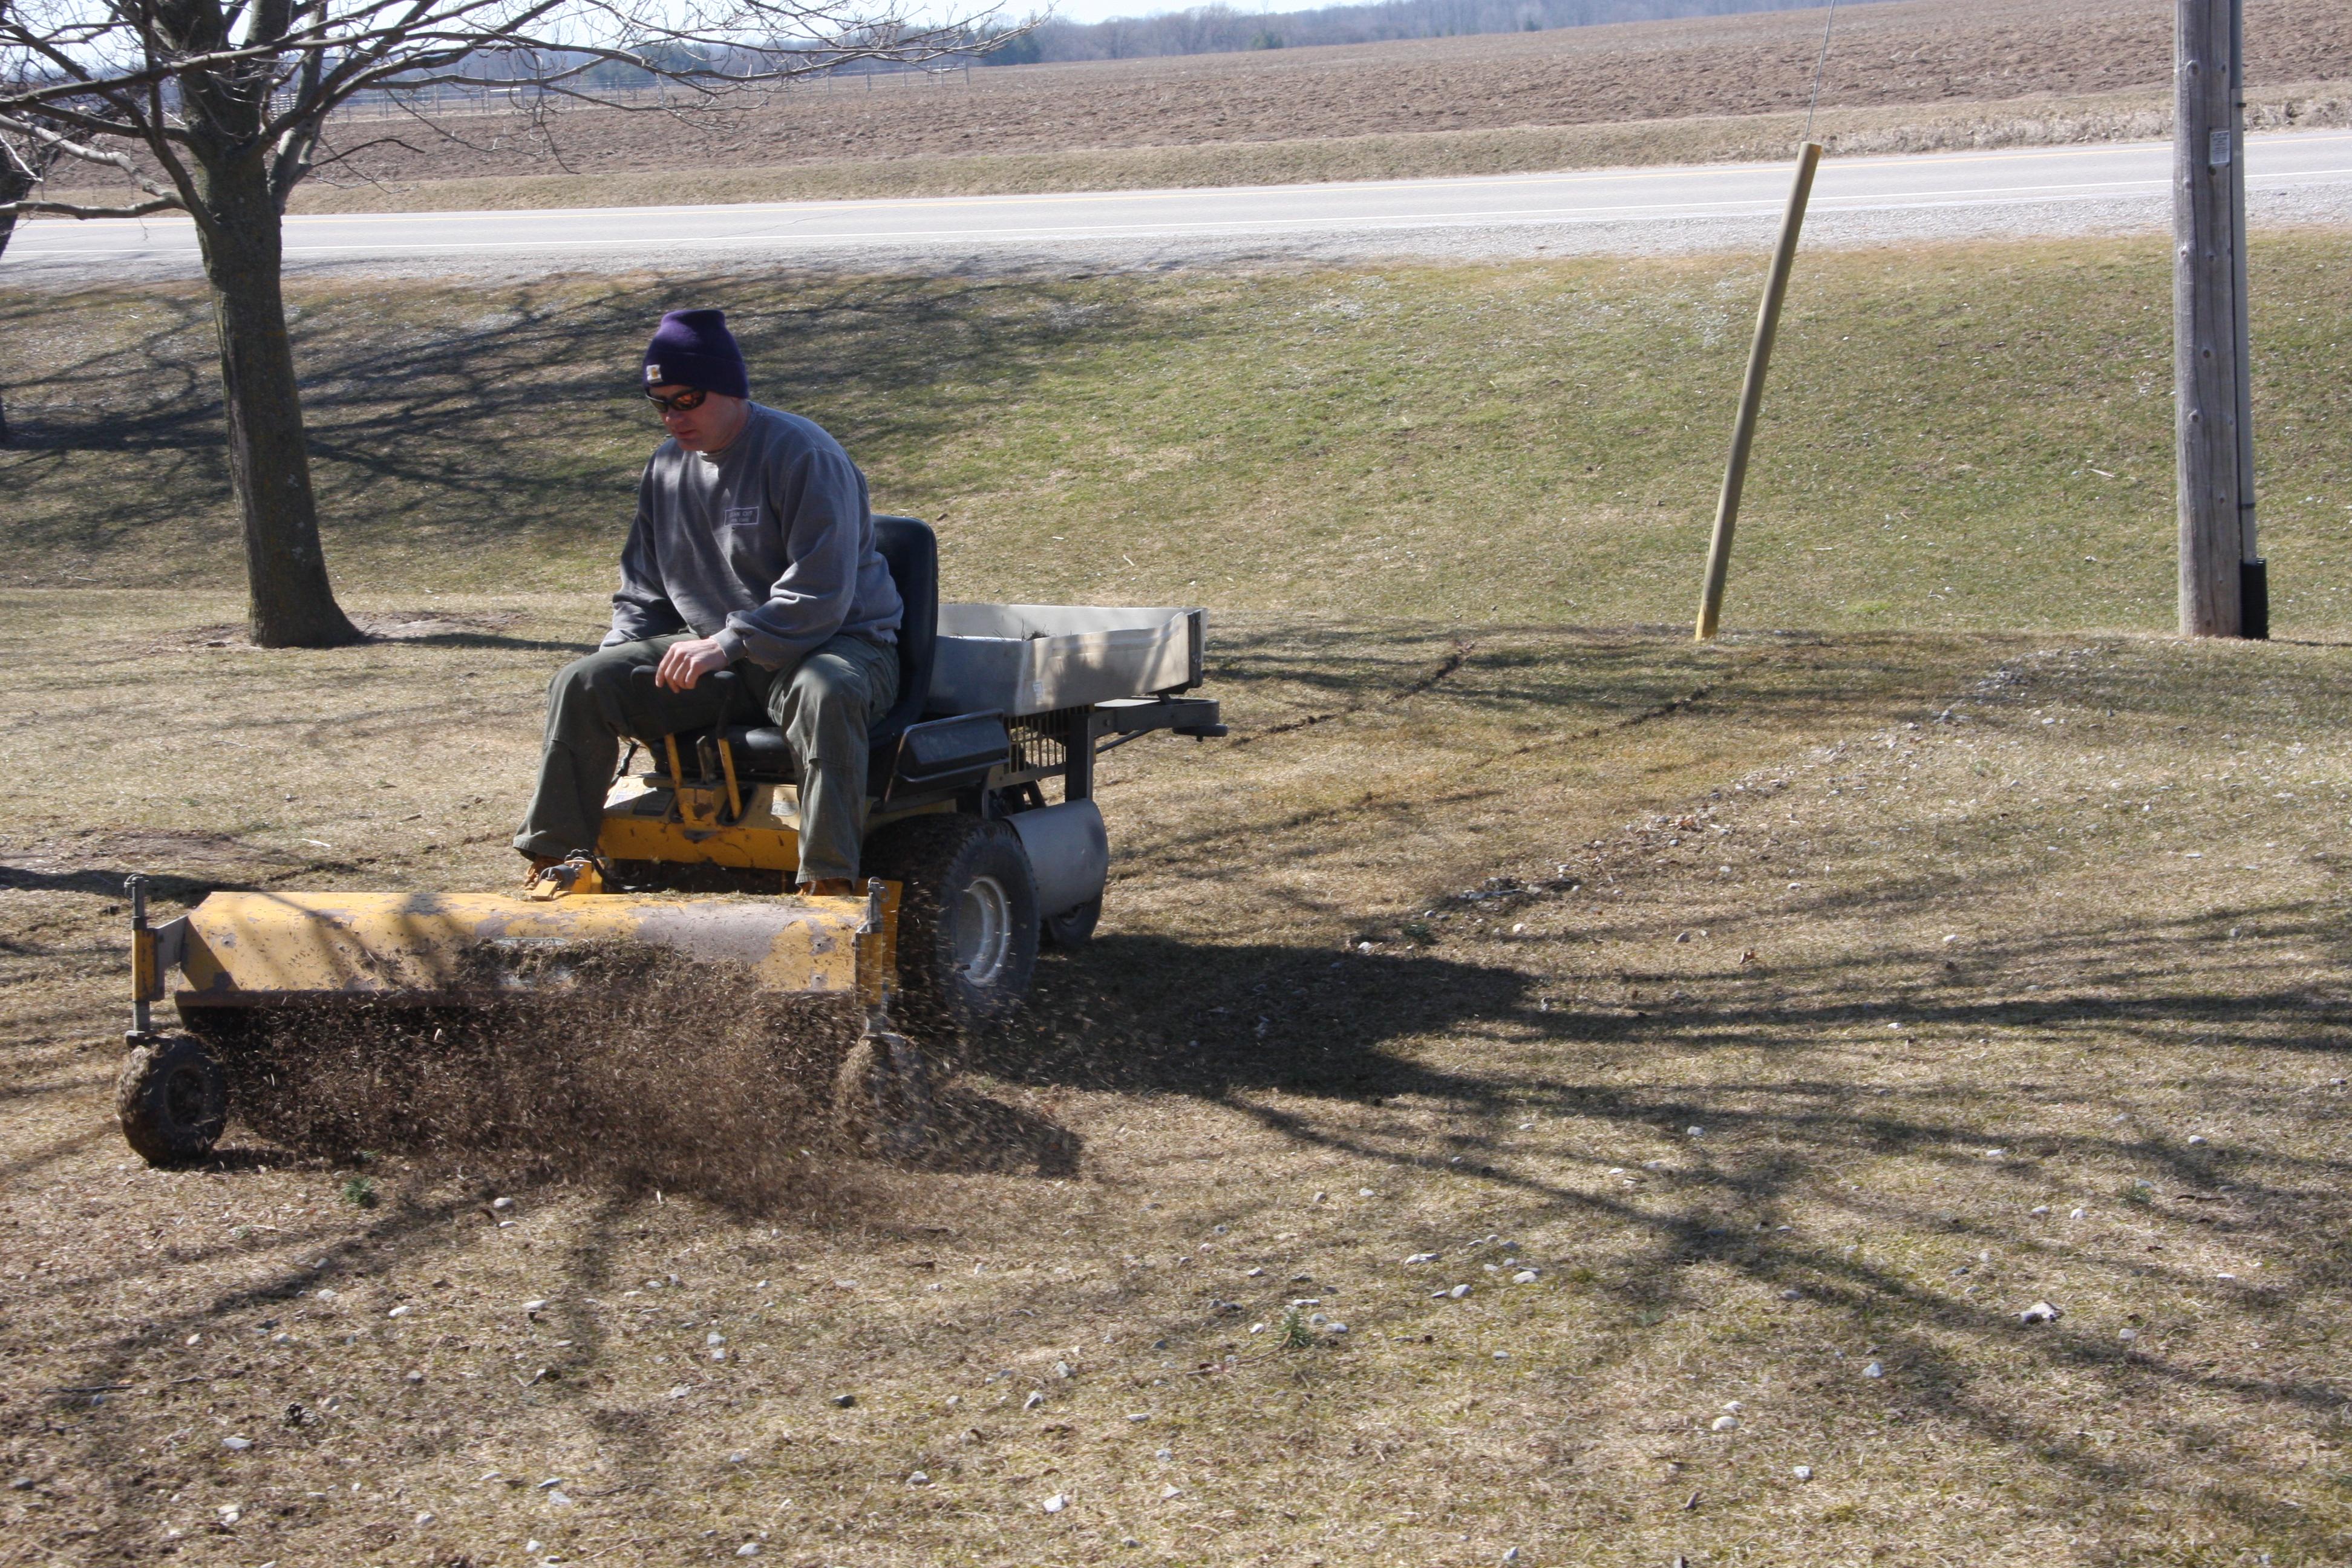 Spring Clean Cut Lawn Careclean Cut Lawn Care